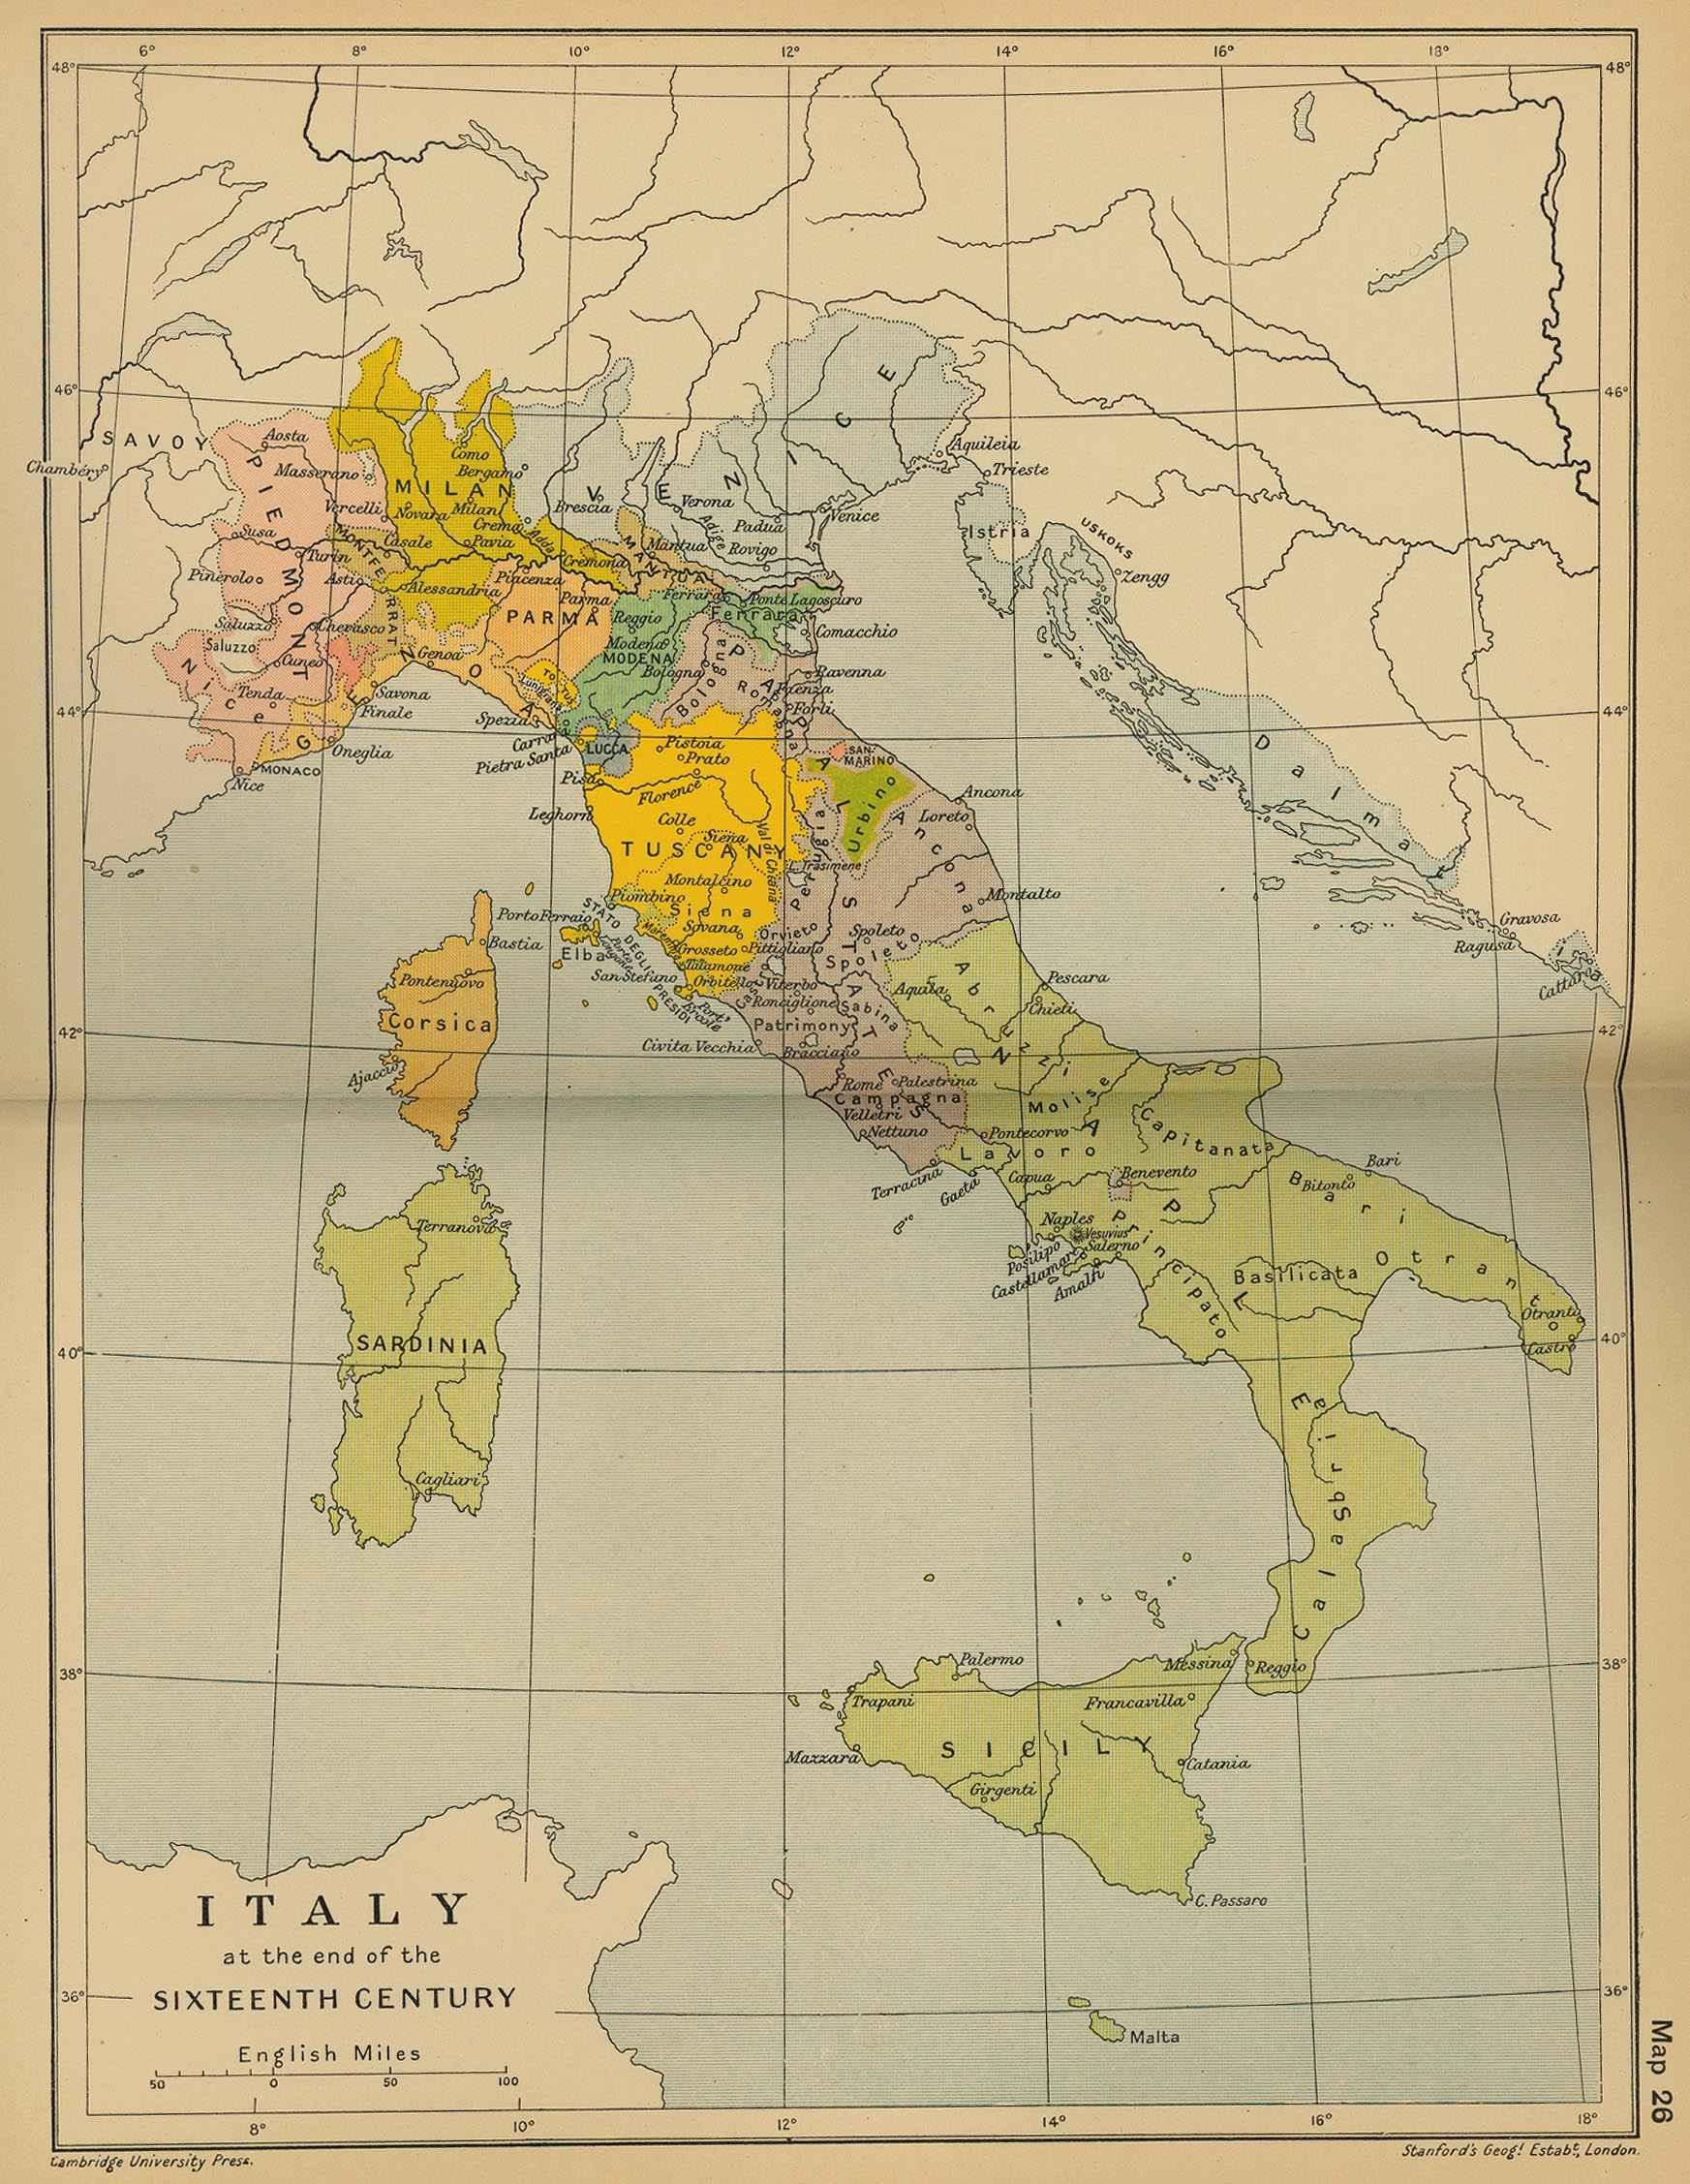 Италия эпохи Позднего Средневековья на исторической карте